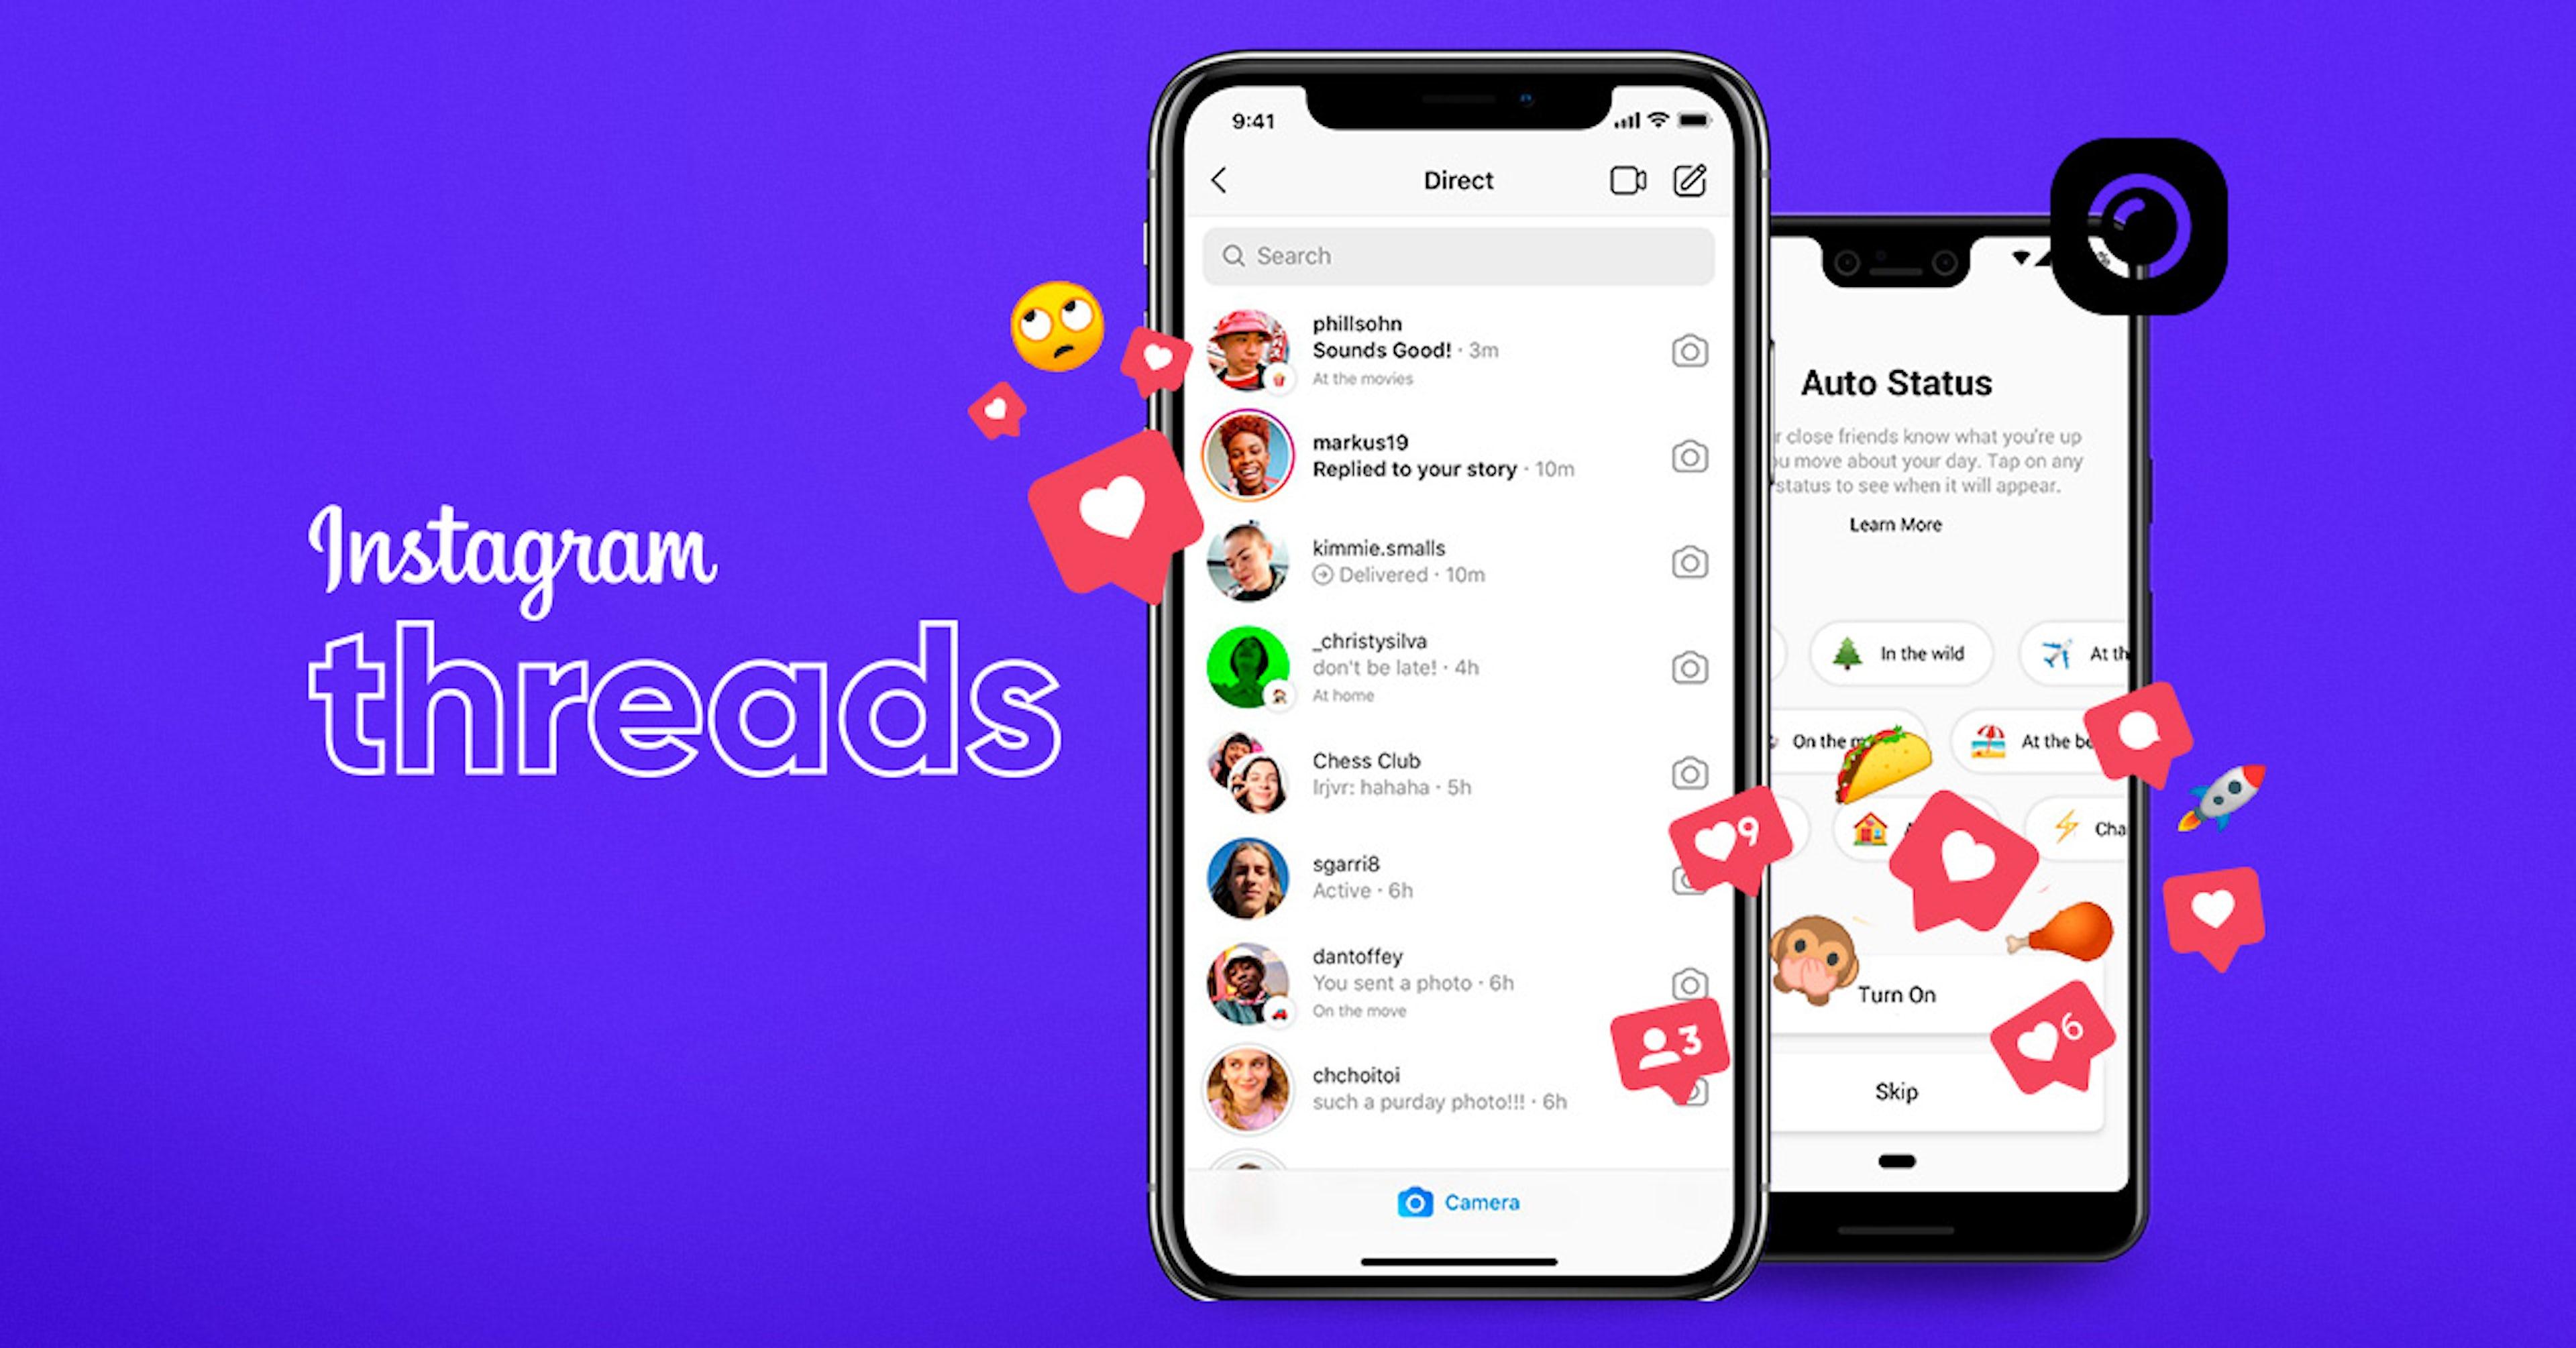 Instagram estrena Threads, una manera de estar más cerca de tus amigos